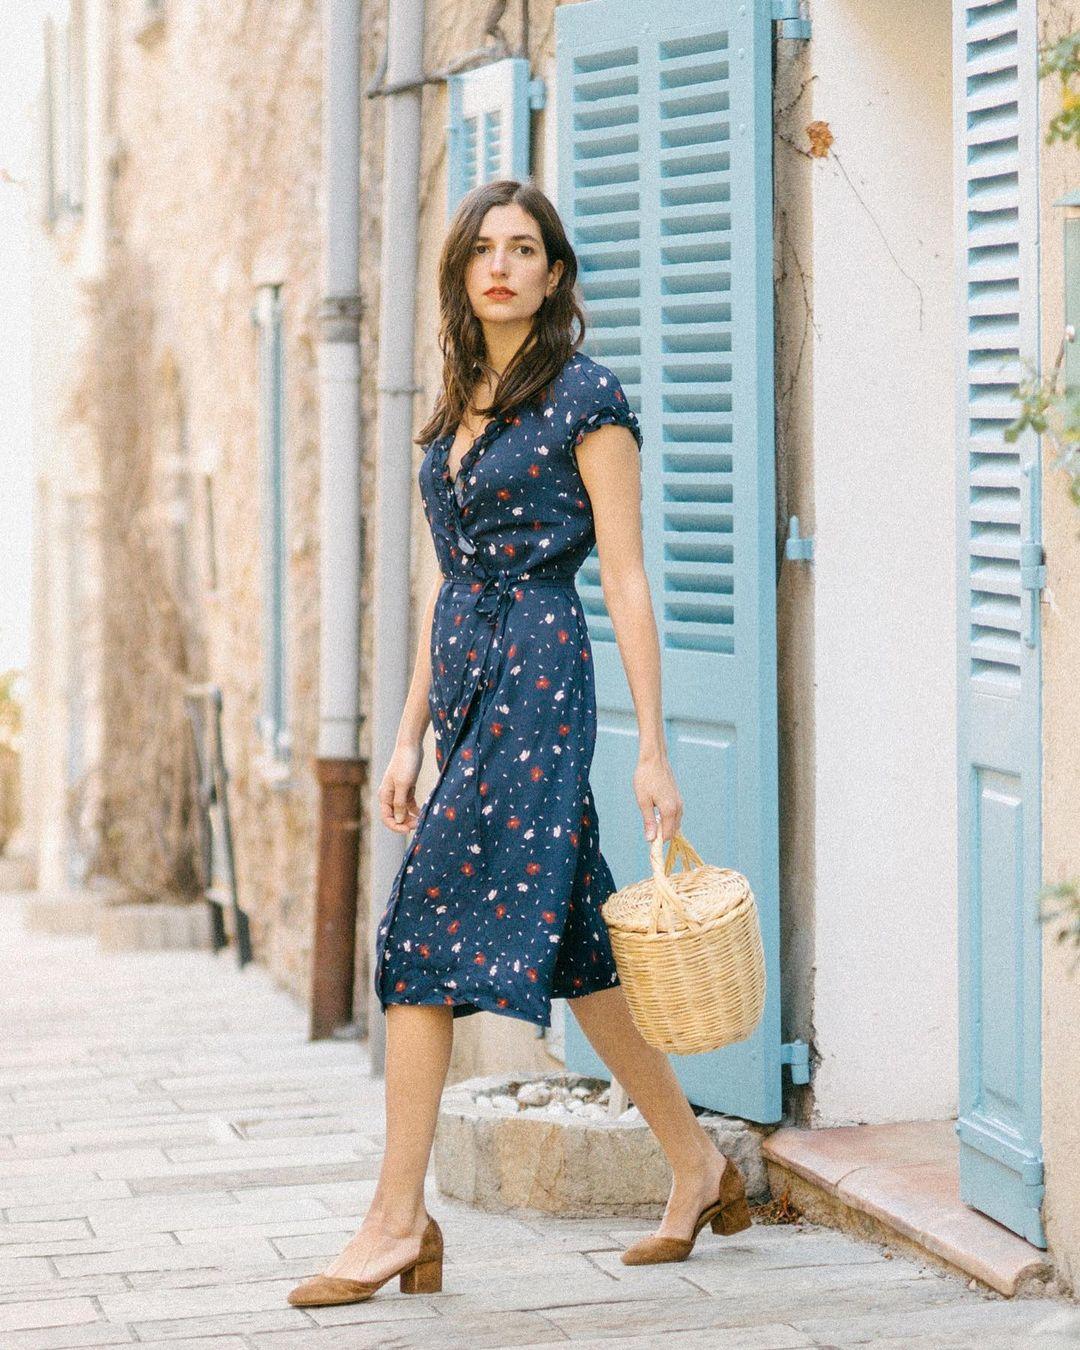 Quý cô người Pháp có style chuẩn nàng thơ: Không thể sống thiếu váy quấn, diện đồ 'hoa lá hẹ' mà vẫn rất mực tinh tế - Ảnh 9